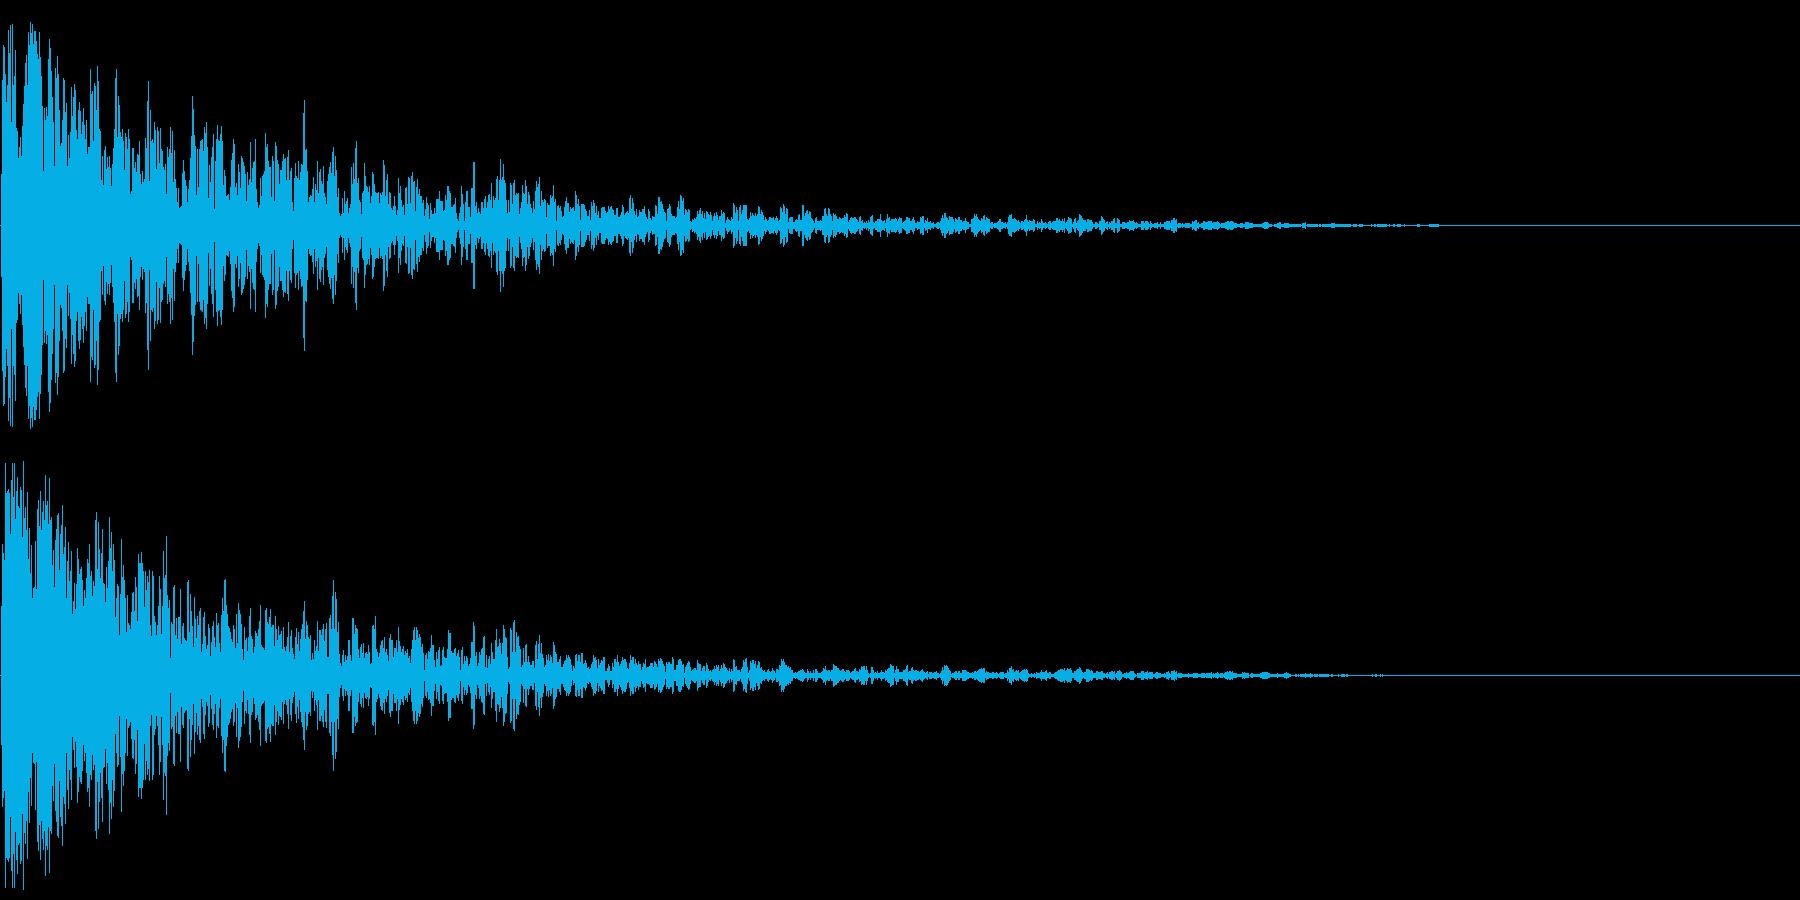 【ゲーム演出】衝撃音 ドーンッ!の再生済みの波形